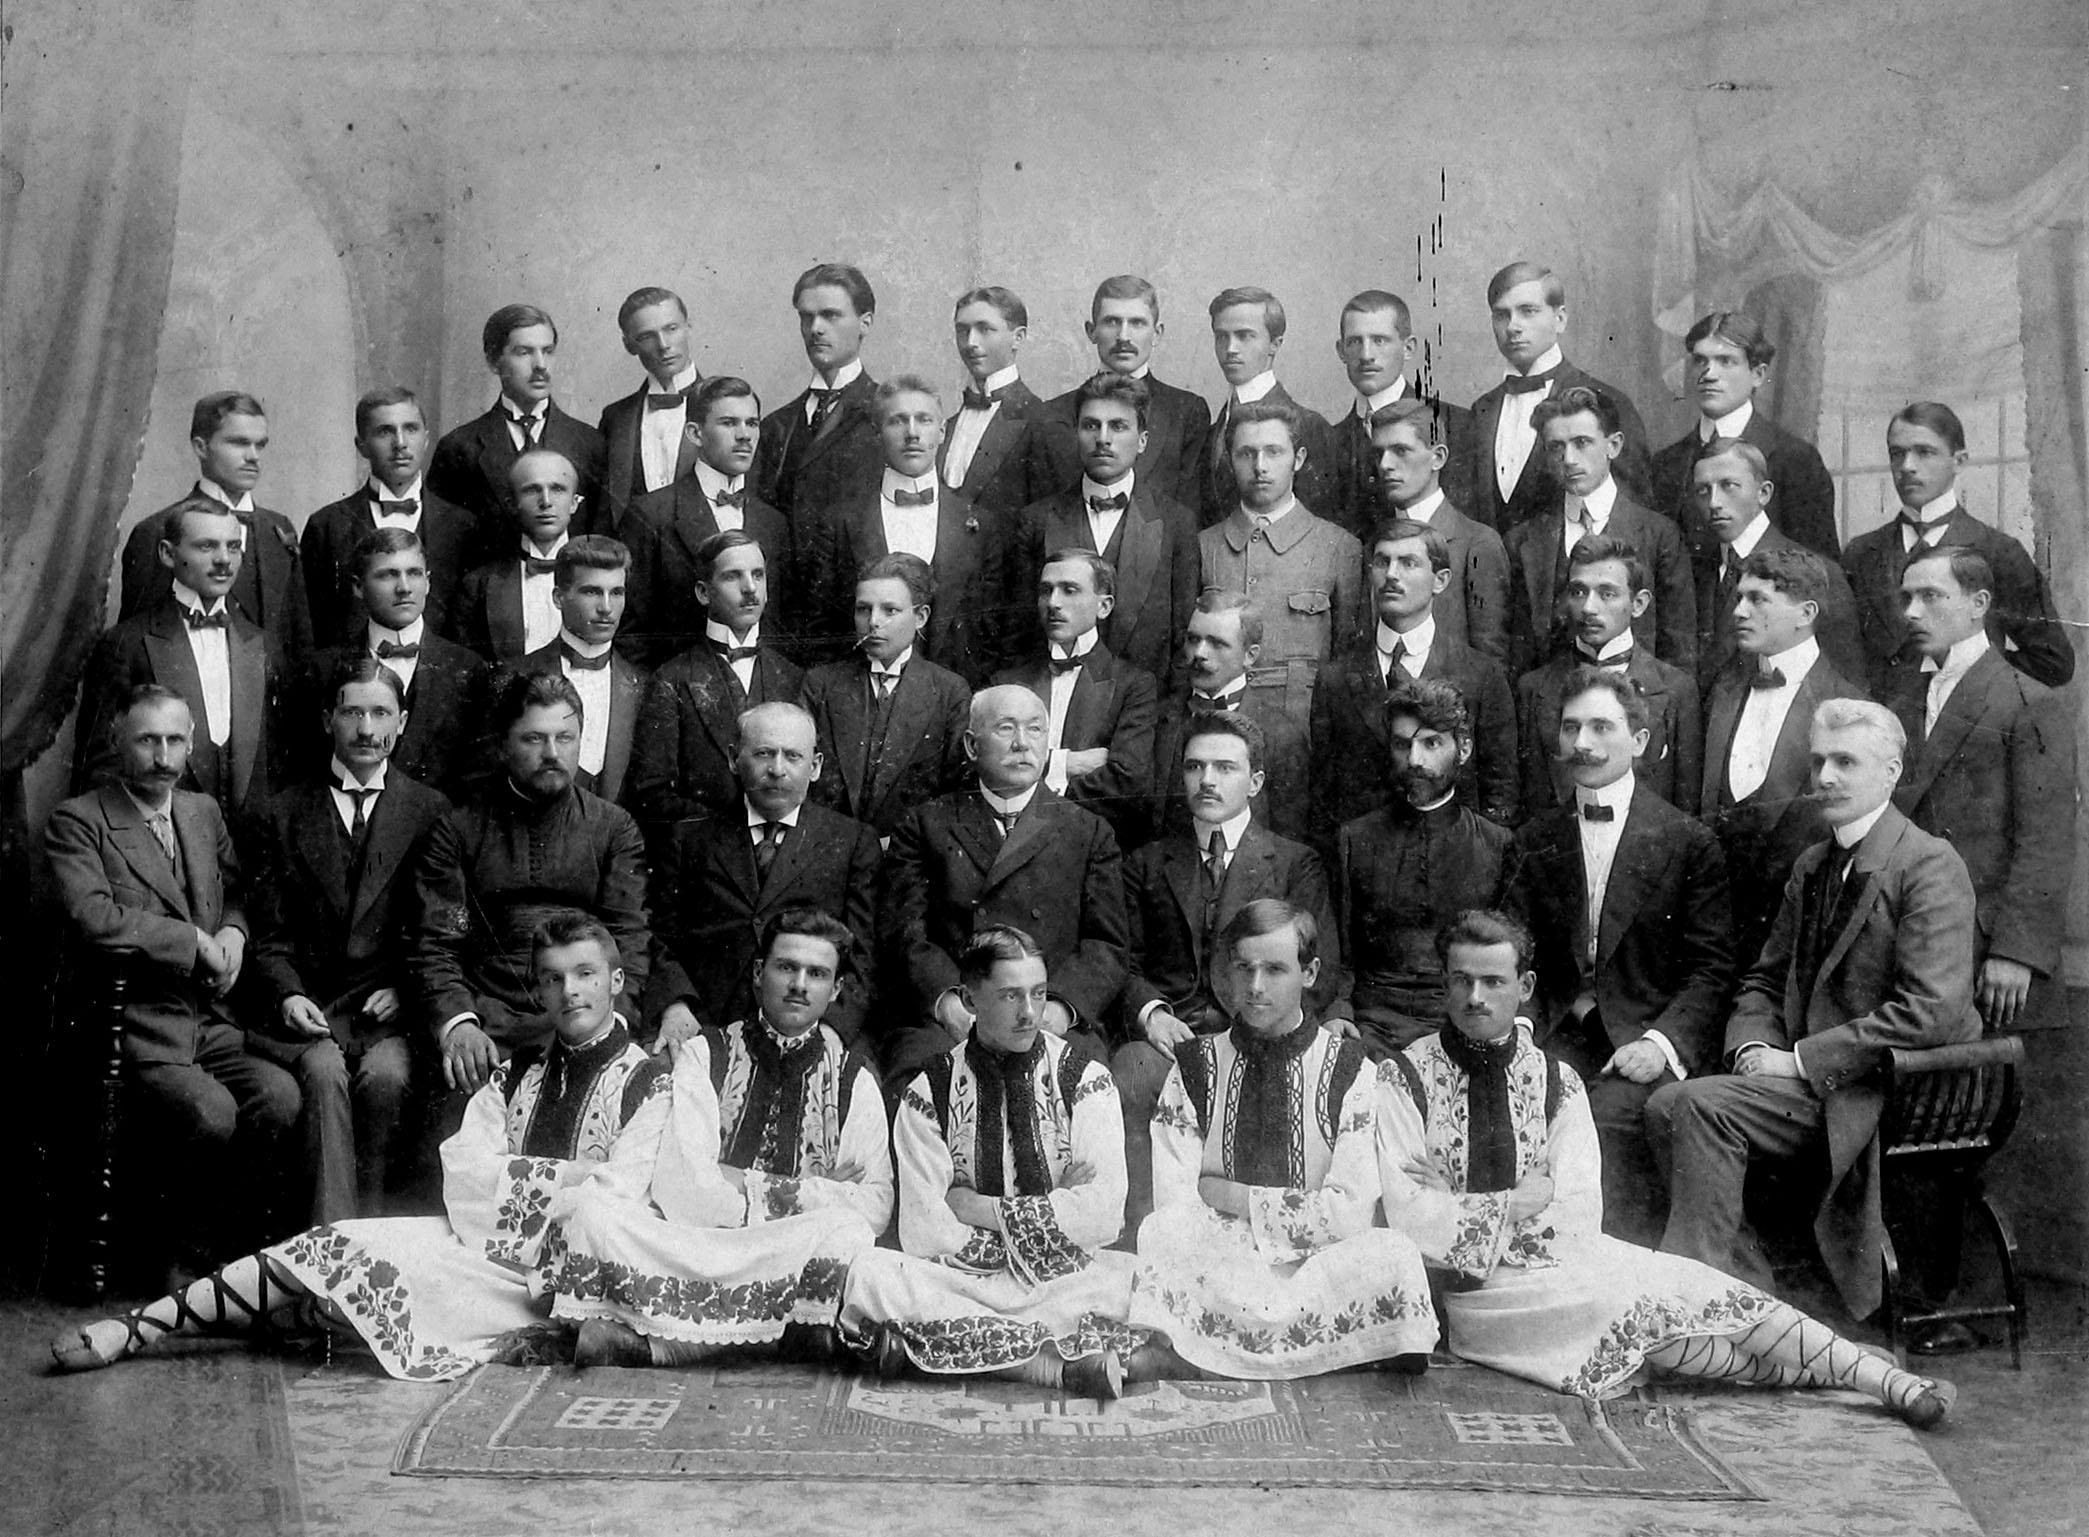 Corul de băieṭi din Cernăuṭi 1915-1916; http://www.memoria.ro/